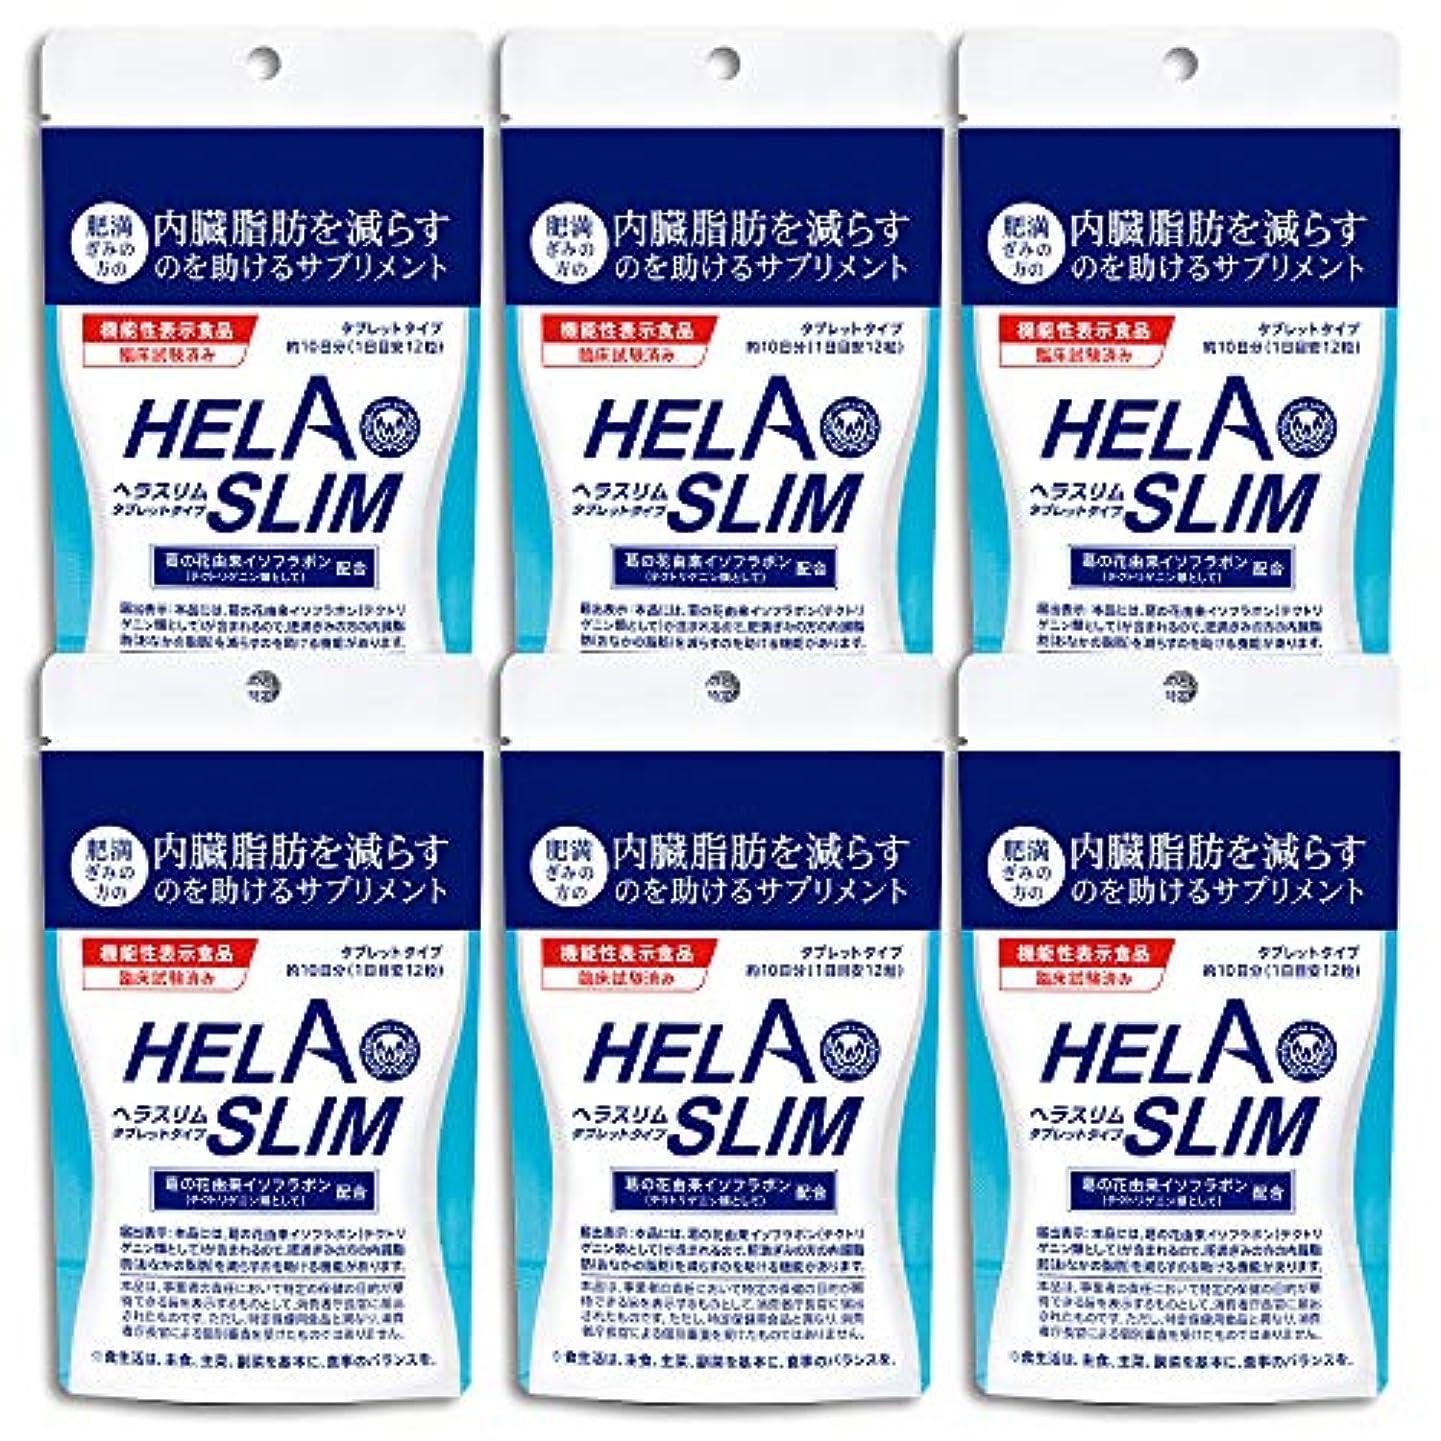 調整可能発火する【6袋セット】HELASLIM(120粒入り)アルミパック